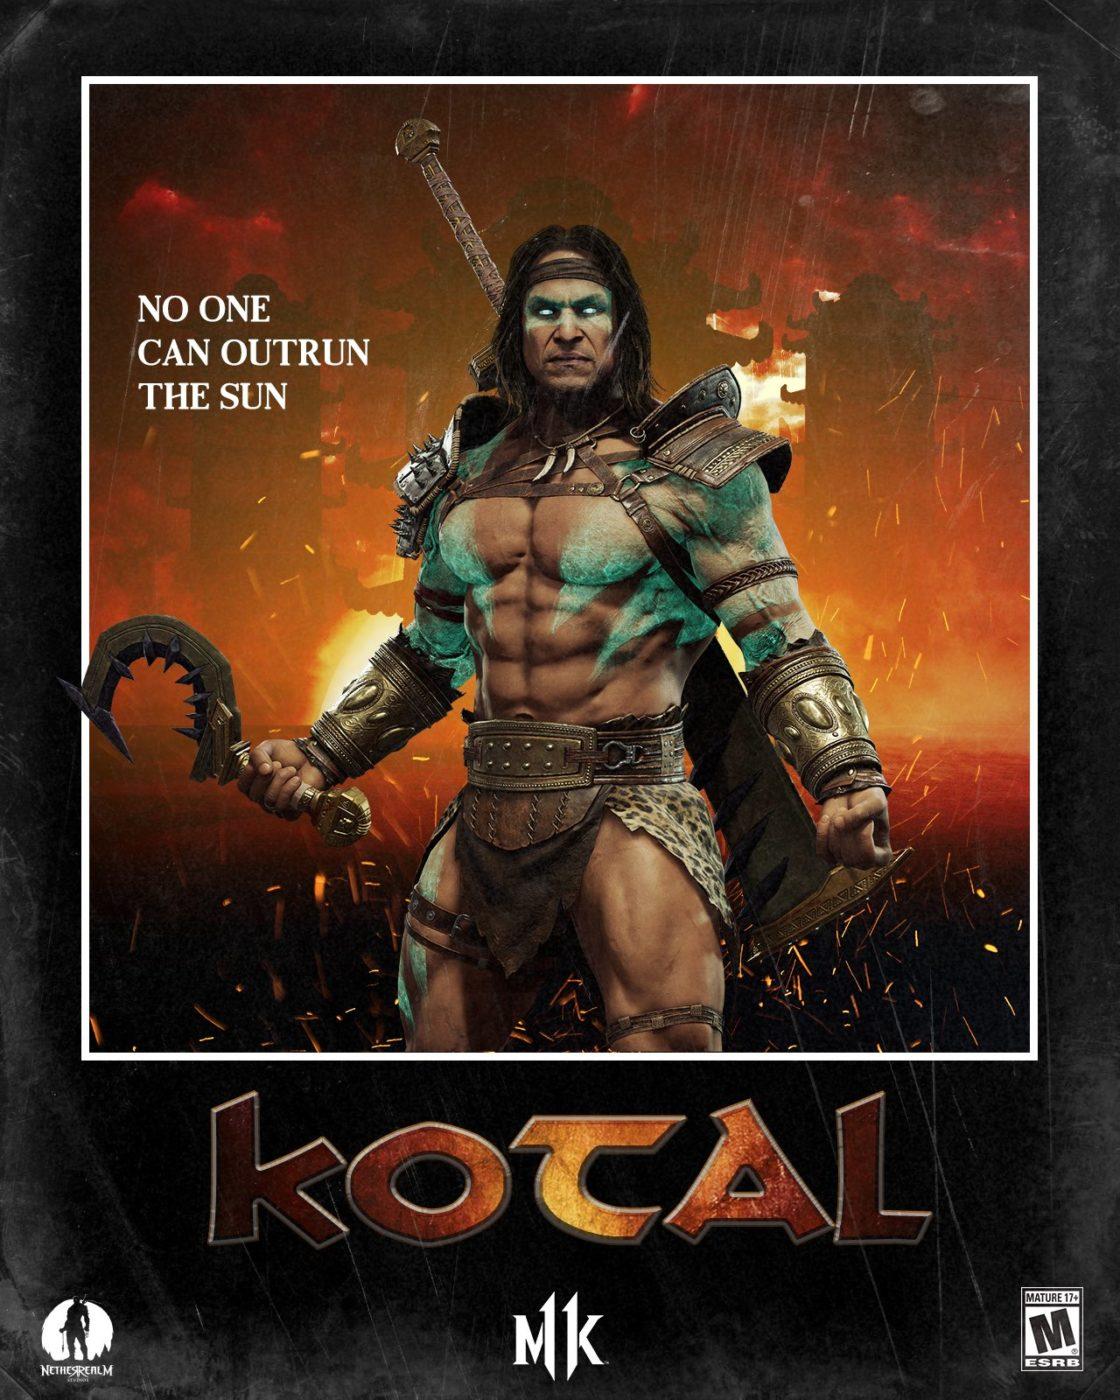 Mortal Kombat 11 Spawn Intro, New Mortal Kombat 11 Spawn Intro Videos, Kombat Kast Announced, MP1st, MP1st